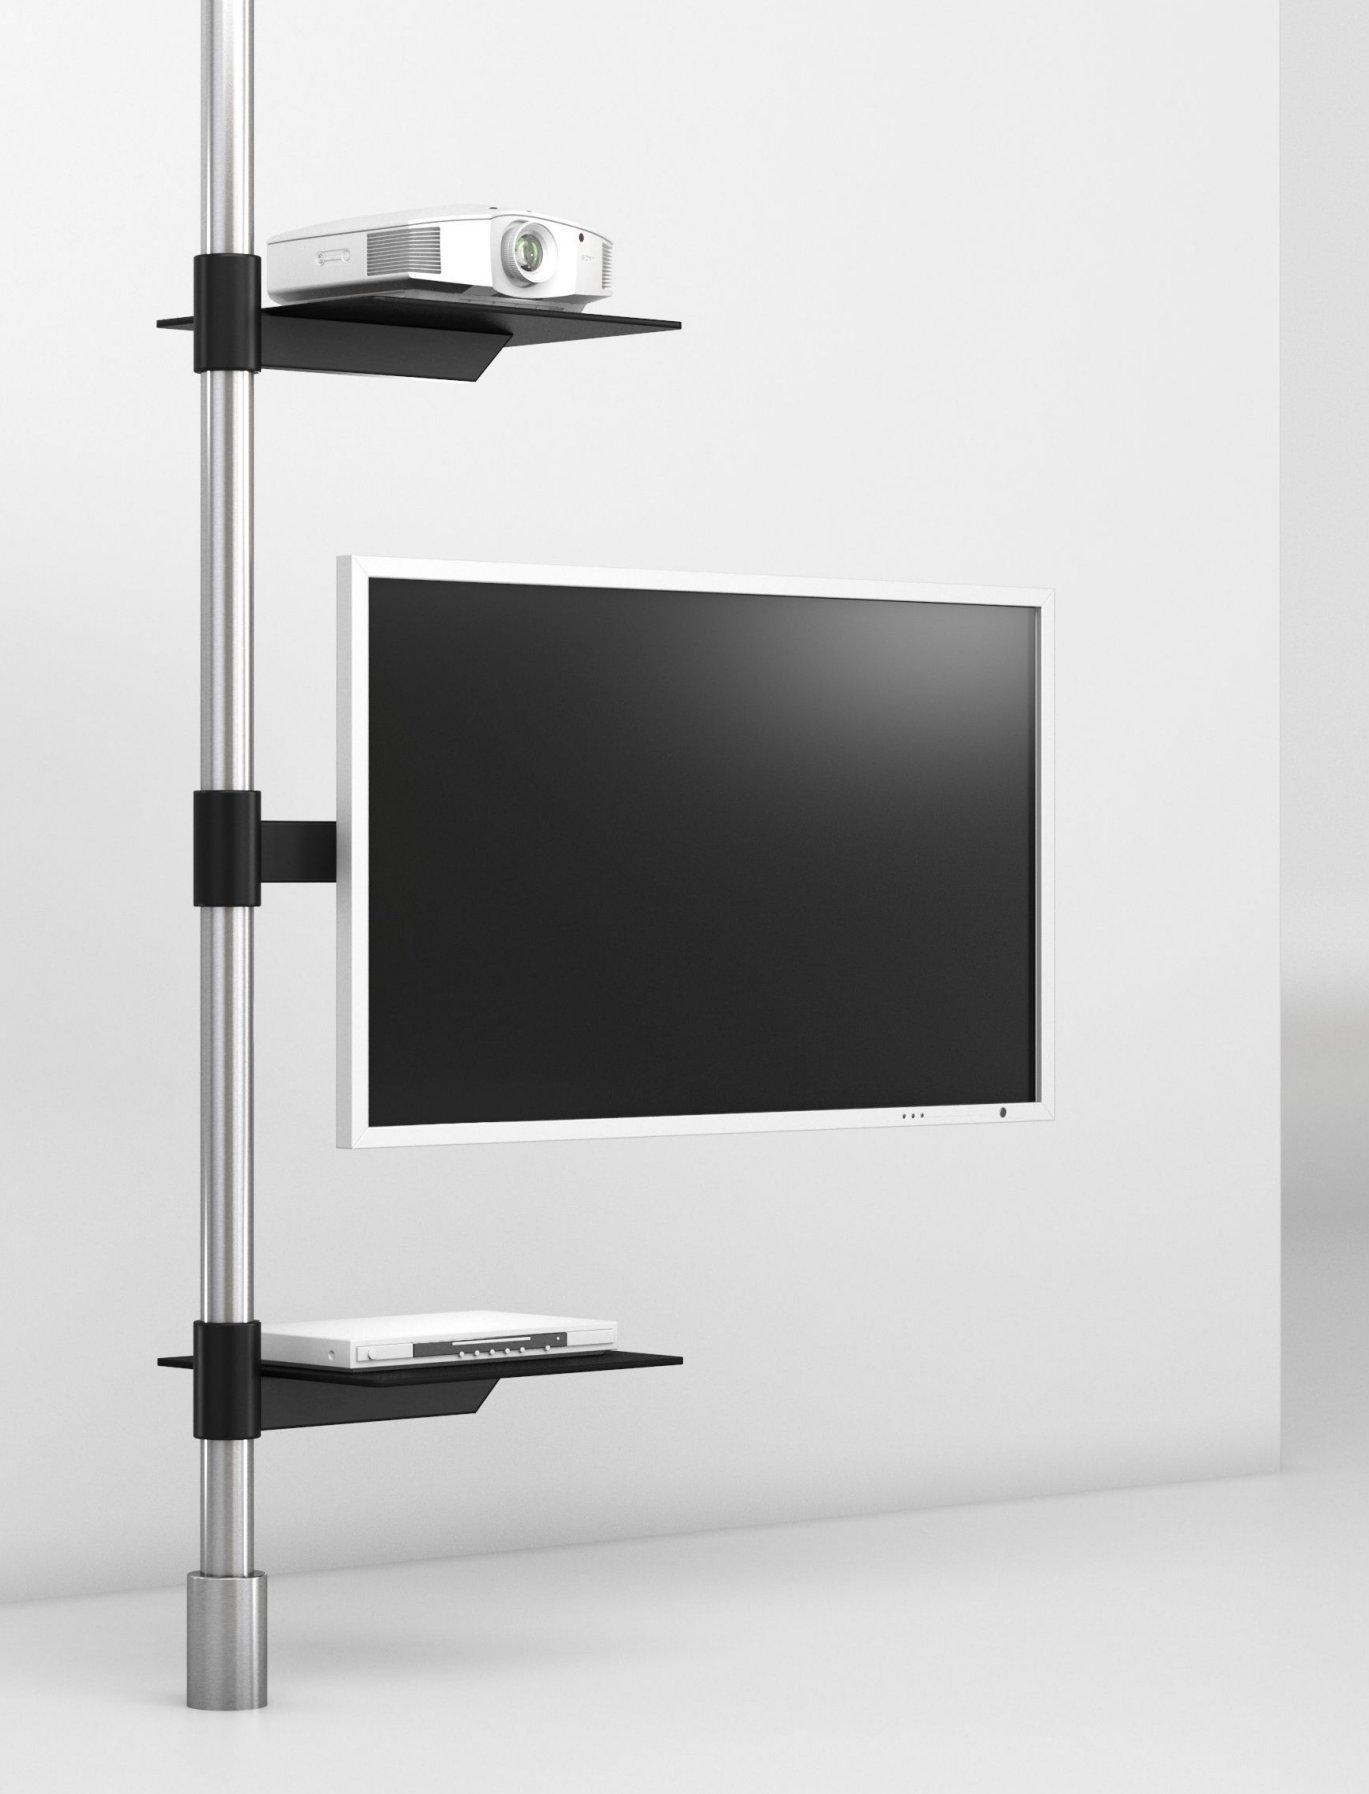 TV-Halterung zur Boden-Decke-Einspannung drehbarer TV-Tragarm